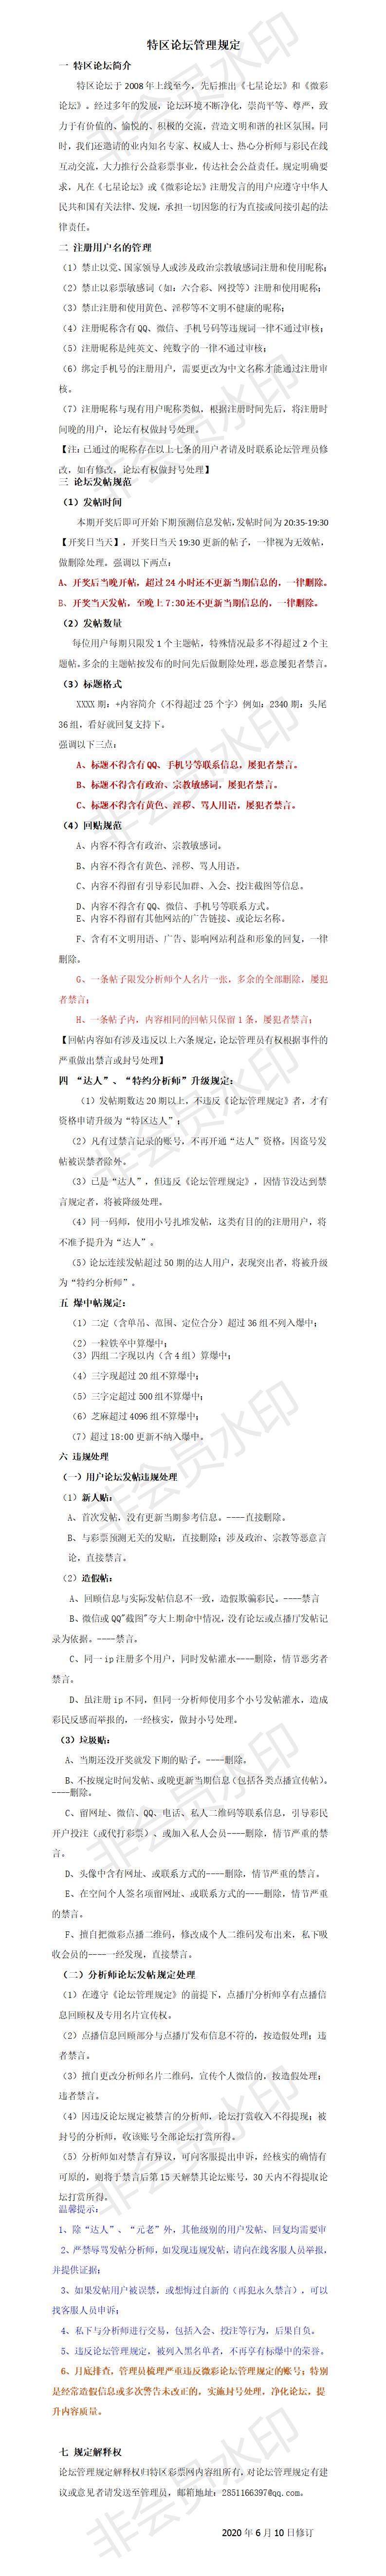 特区论坛管理规定【20200610修订】.jpg